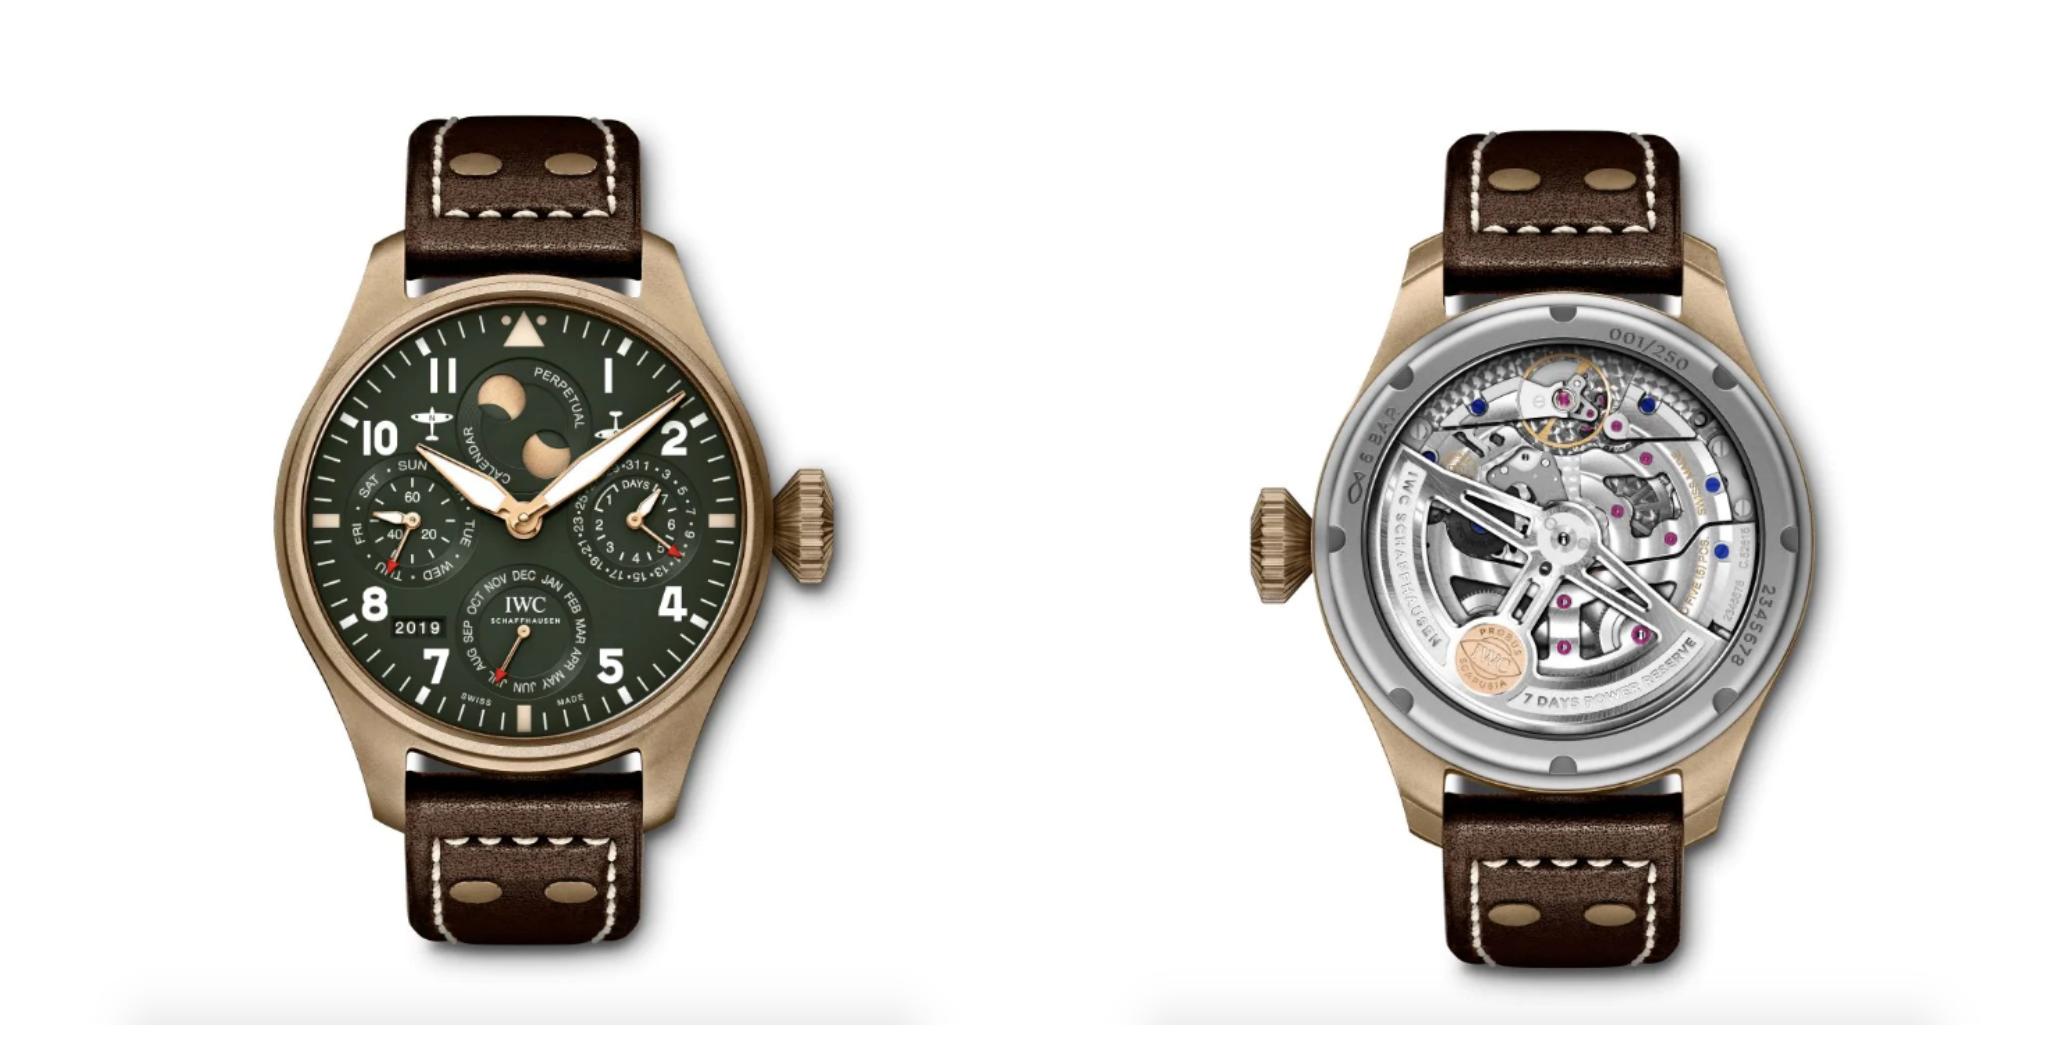 IWC Pilot's Watch Spitfire Perpetual Calendar